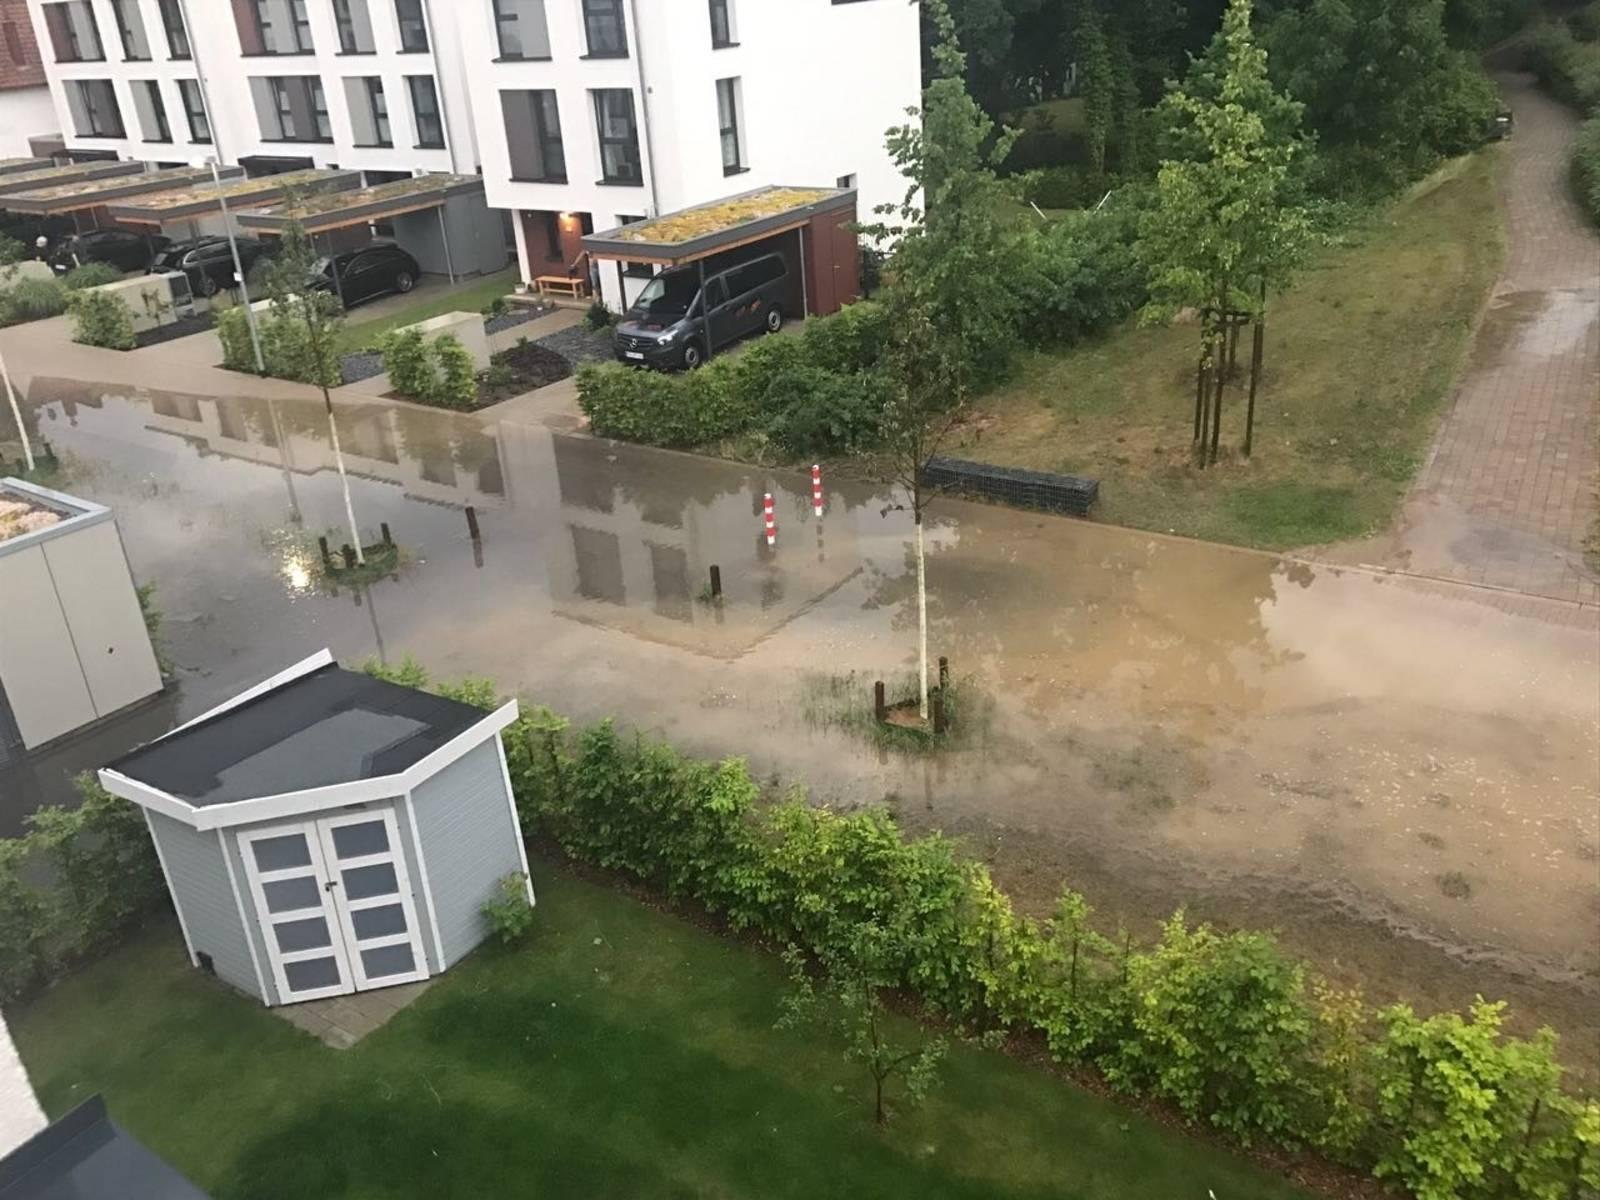 Grundstückseinfahrten, Teile einer Straße und eines geflasterten Fussweges, die nach einen Starkregen unter Wasser stehen